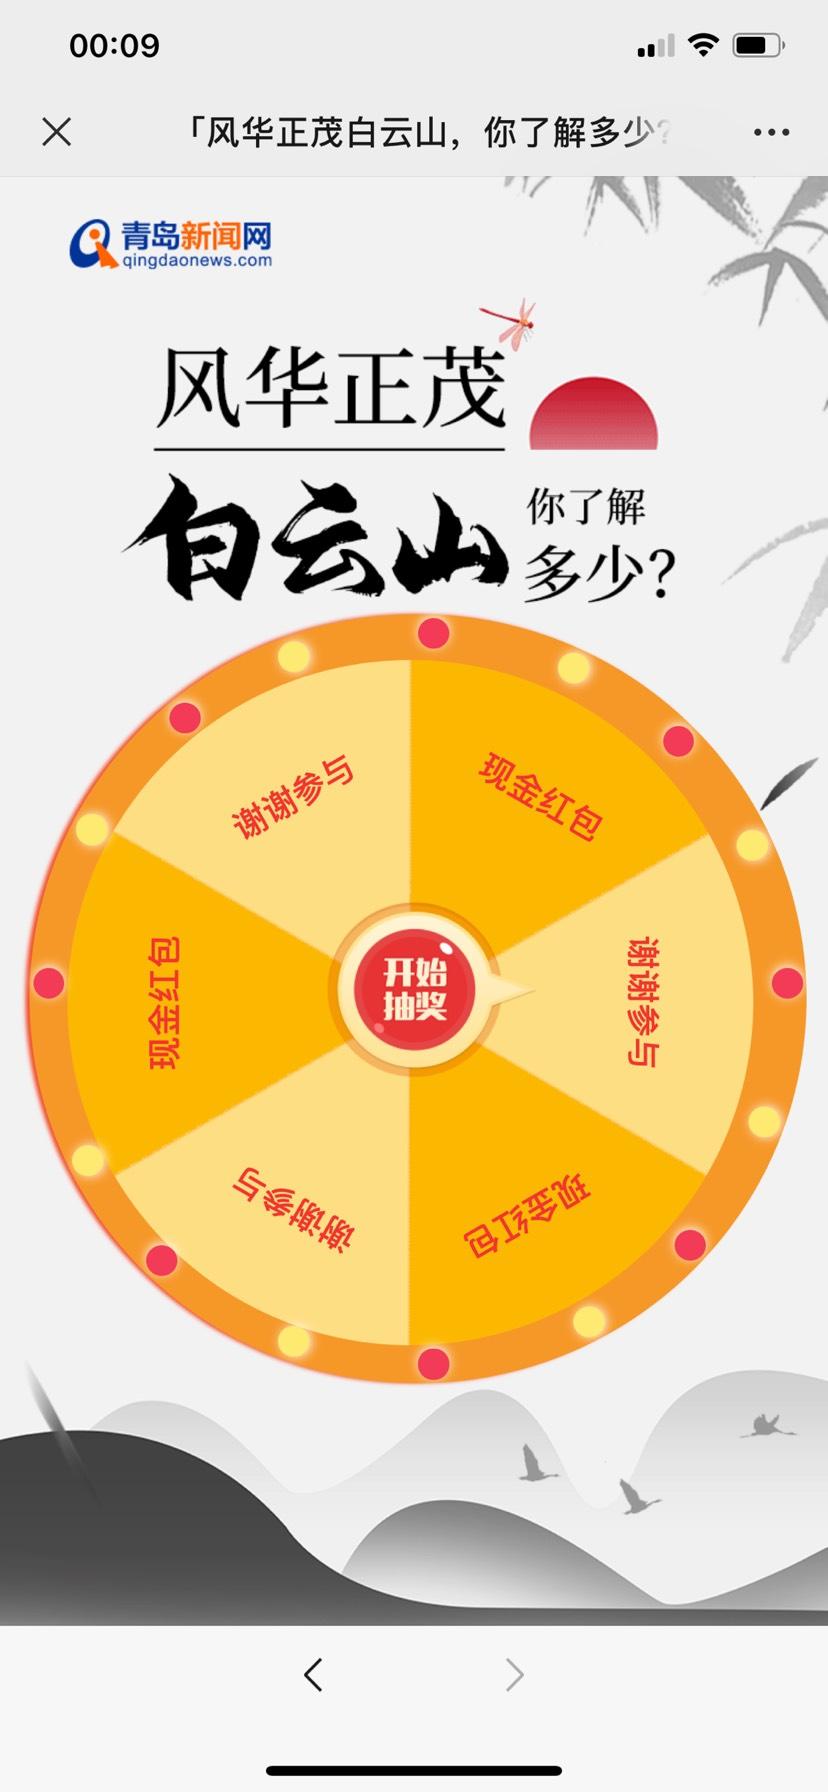 【红包】青岛新闻网解题抽红包插图1